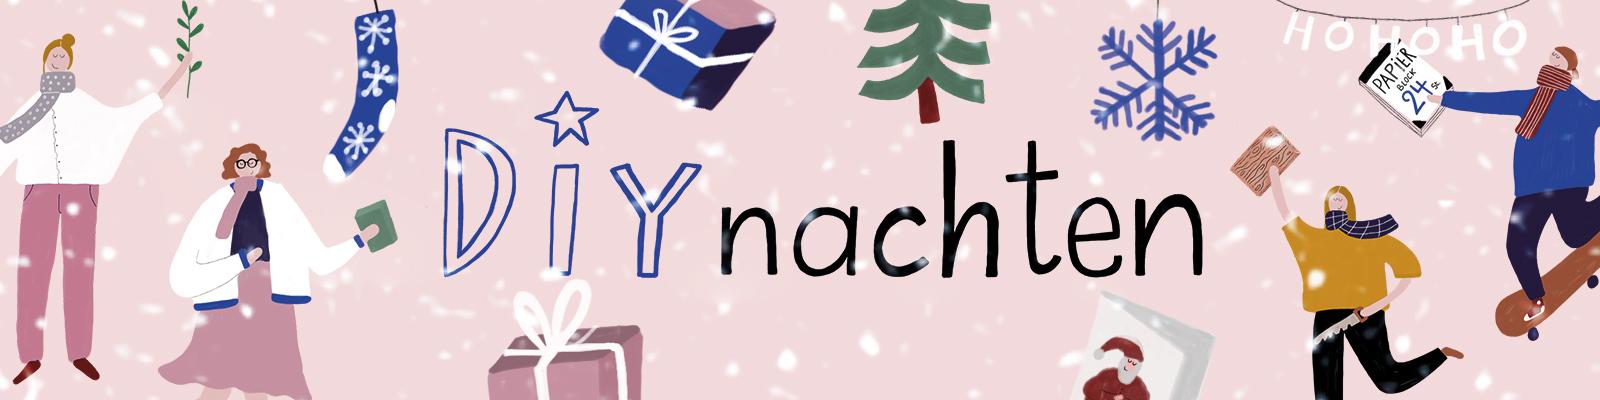 buch_banner